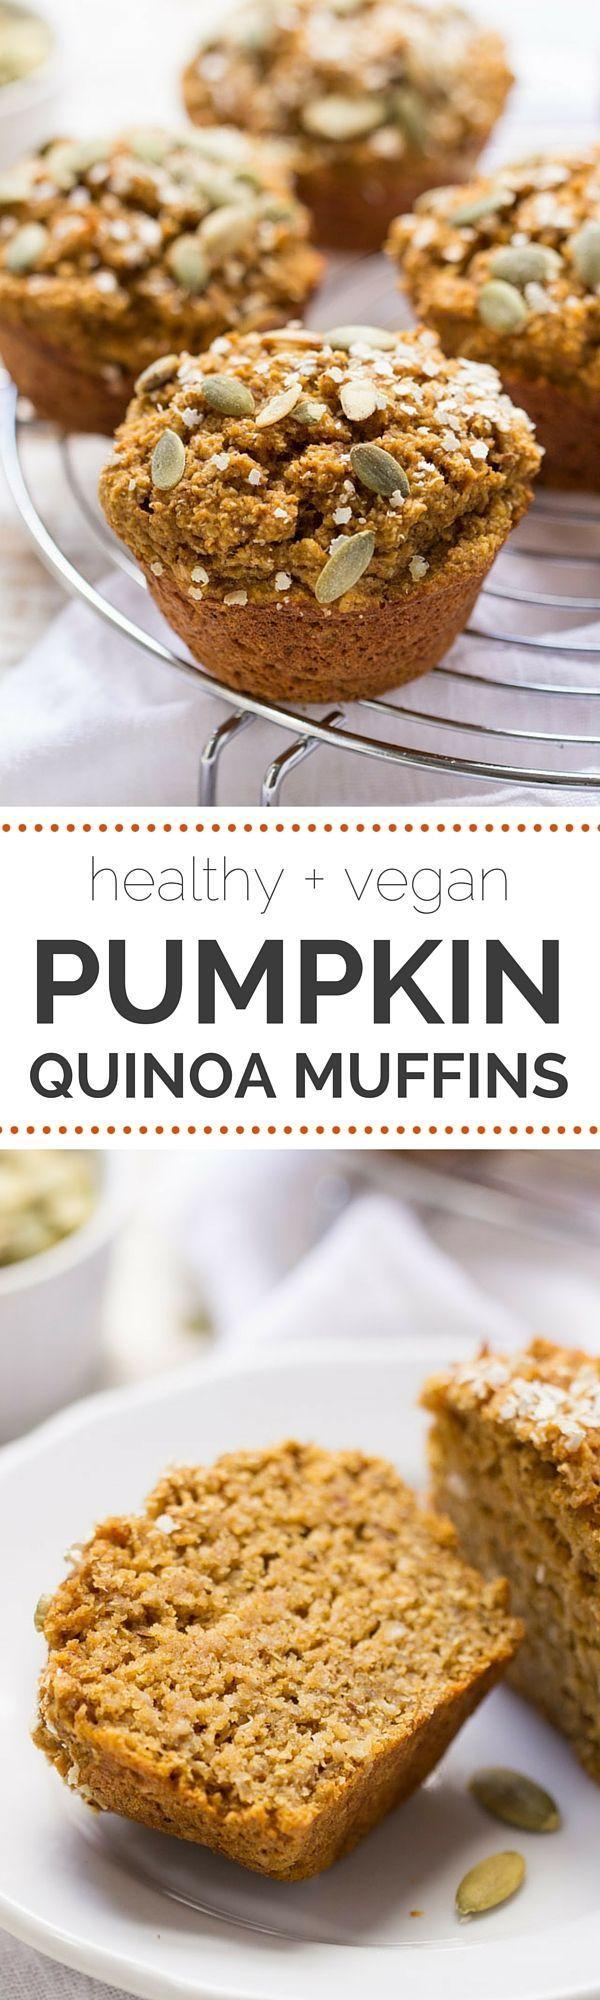 skinny pumpkin quinoa muffins healthy pumpkin recipes healthy foods ...